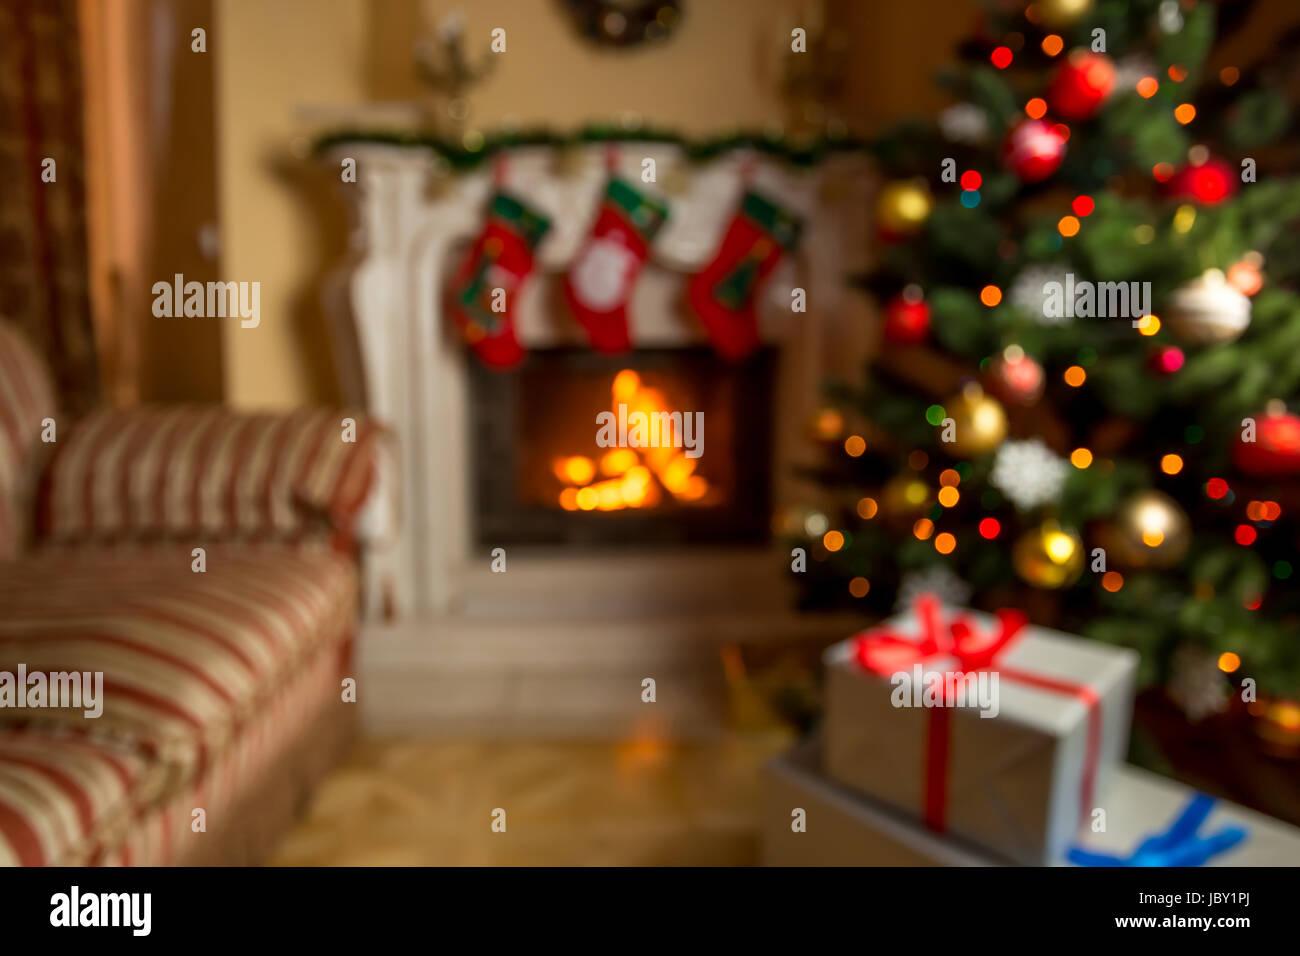 Out Of Focus Hintergrund Mit Wohnzimmer Dekoriert Für Weihnachten Mit  Brennenden Kamin